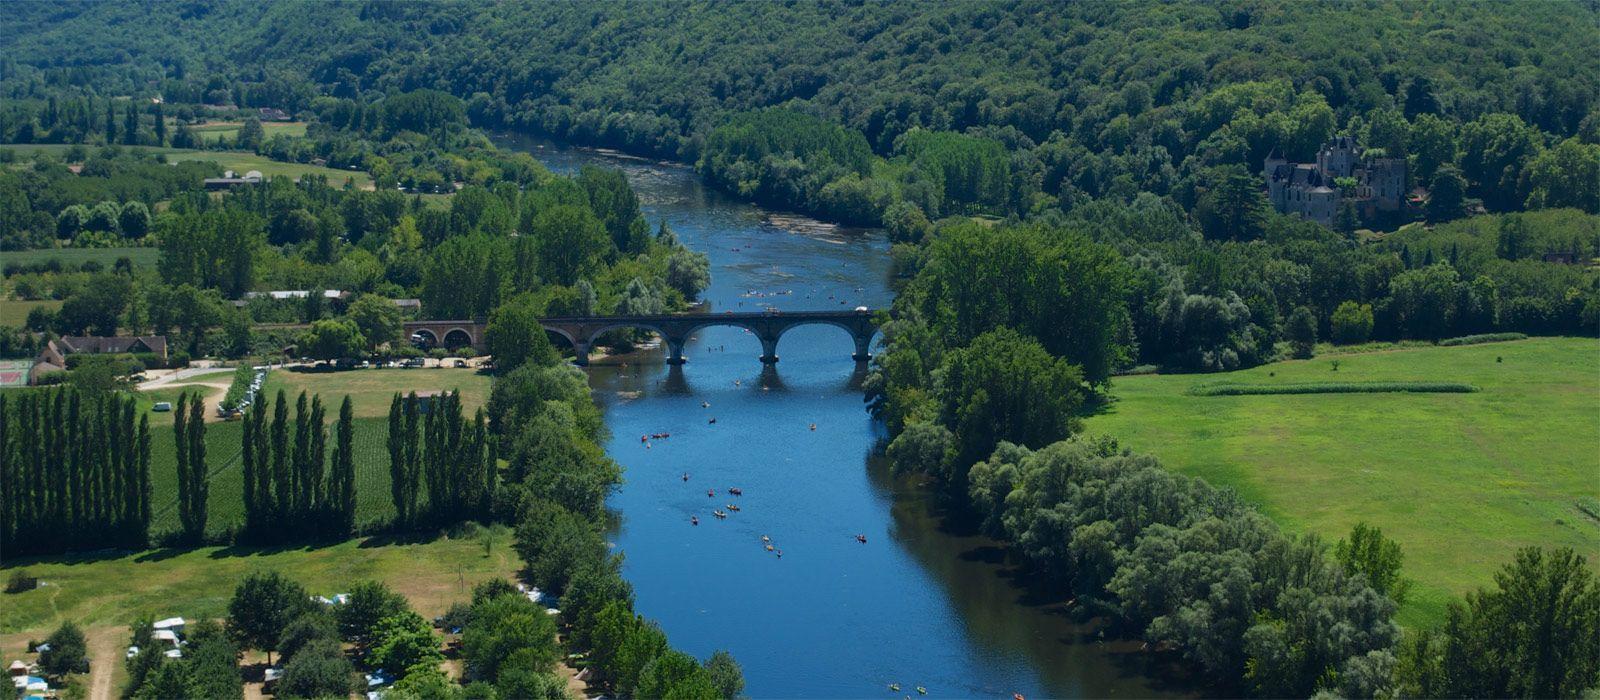 la Dordogne source de plaisirs à partager au camping Au P'tit Bonheur